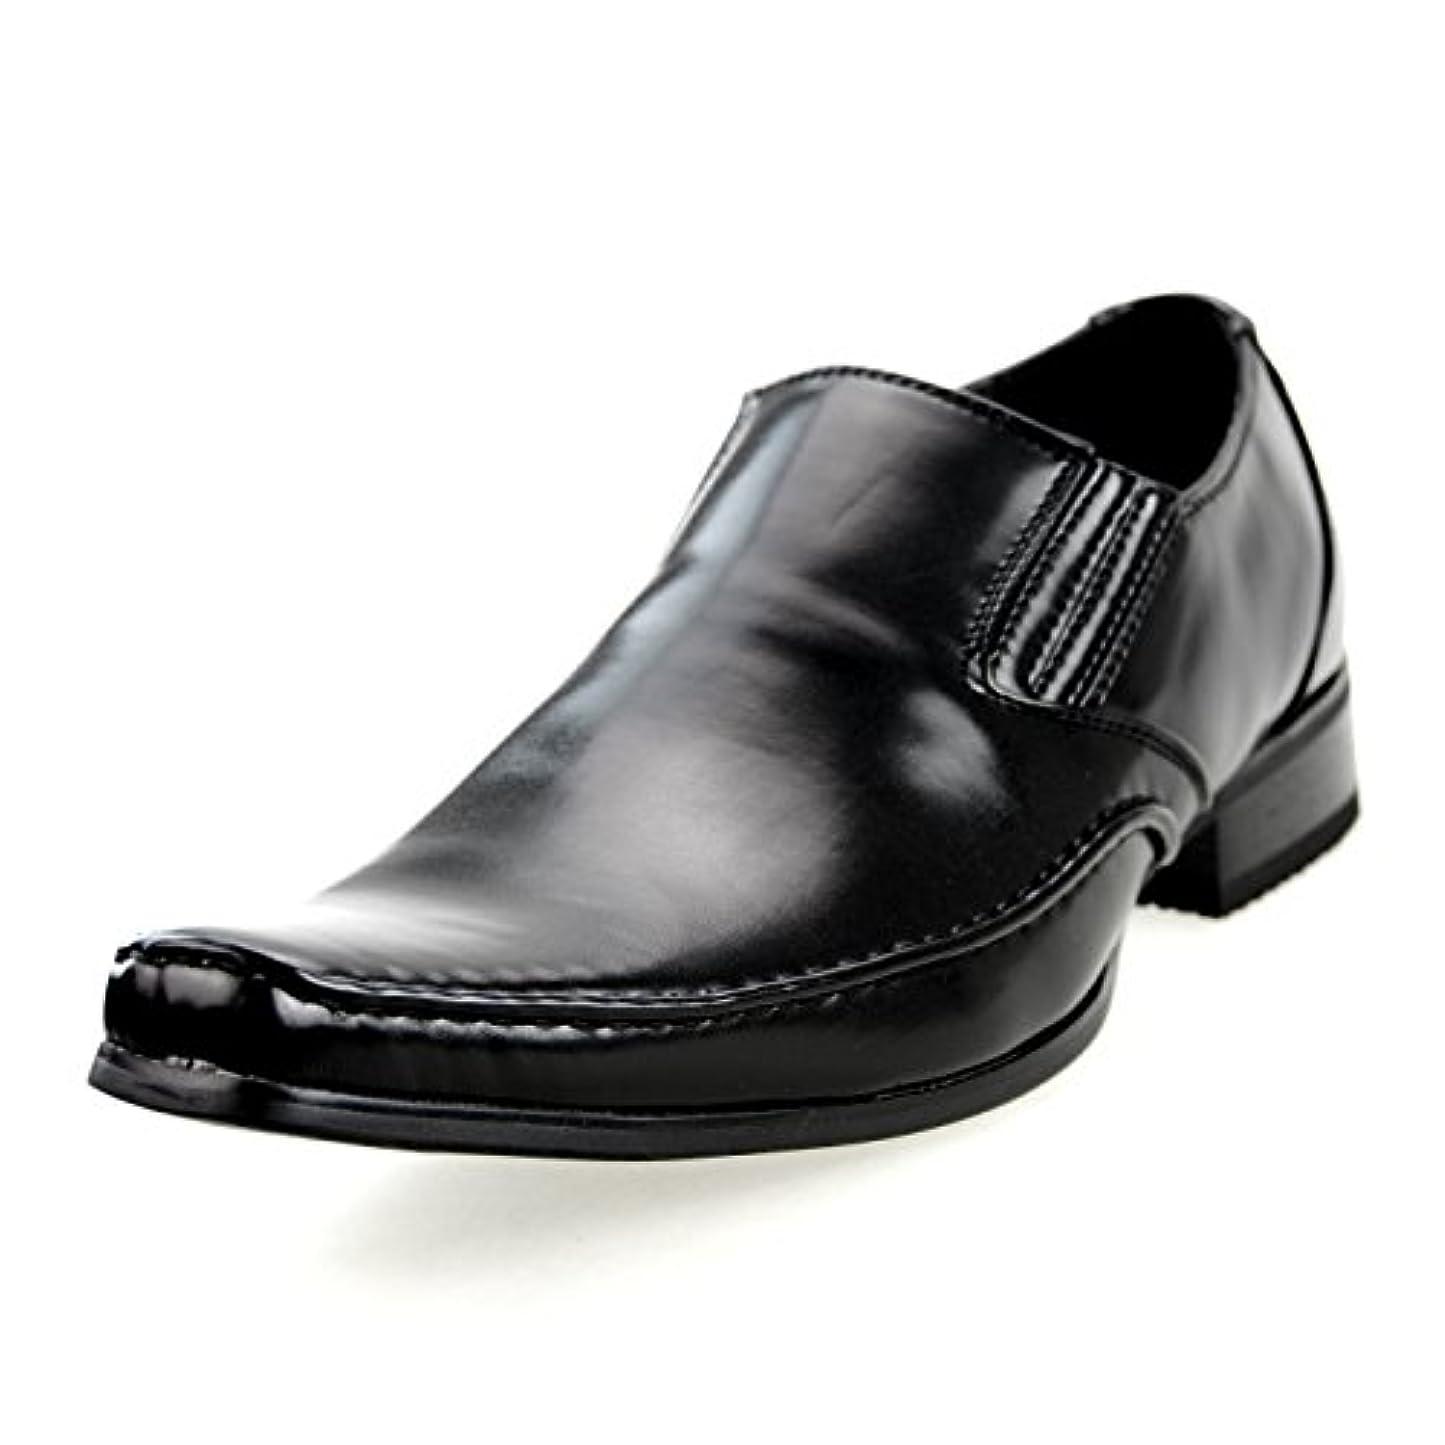 間隔決済偶然[エムエムワン] MM/ONE ビジネスシューズ メンズ ビジネス シューズ 靴 紳士靴 レースアップ フェイクレザー 【ZNX24B】 全3色 ブラック ブラウン ダークブラウン